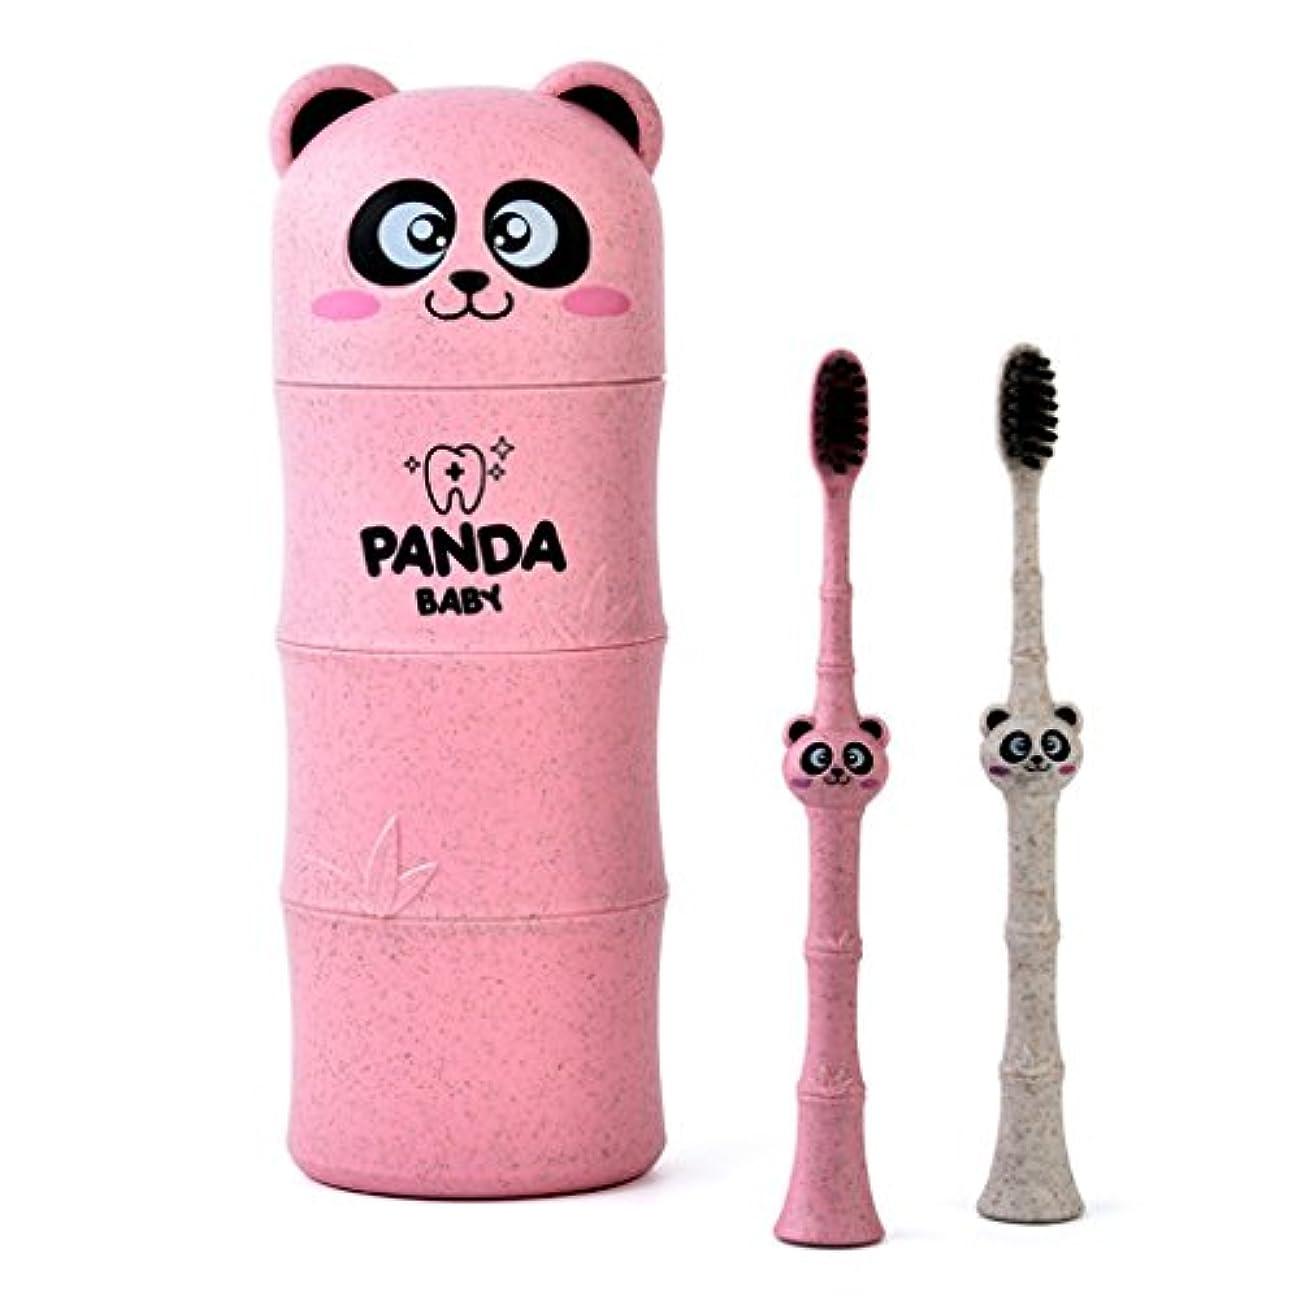 もつれこしょう援助するManyao 1セットベビー歯ブラシ小麦ストロー漫画パンダ幼児子供歯科口腔ケア (ピンク)